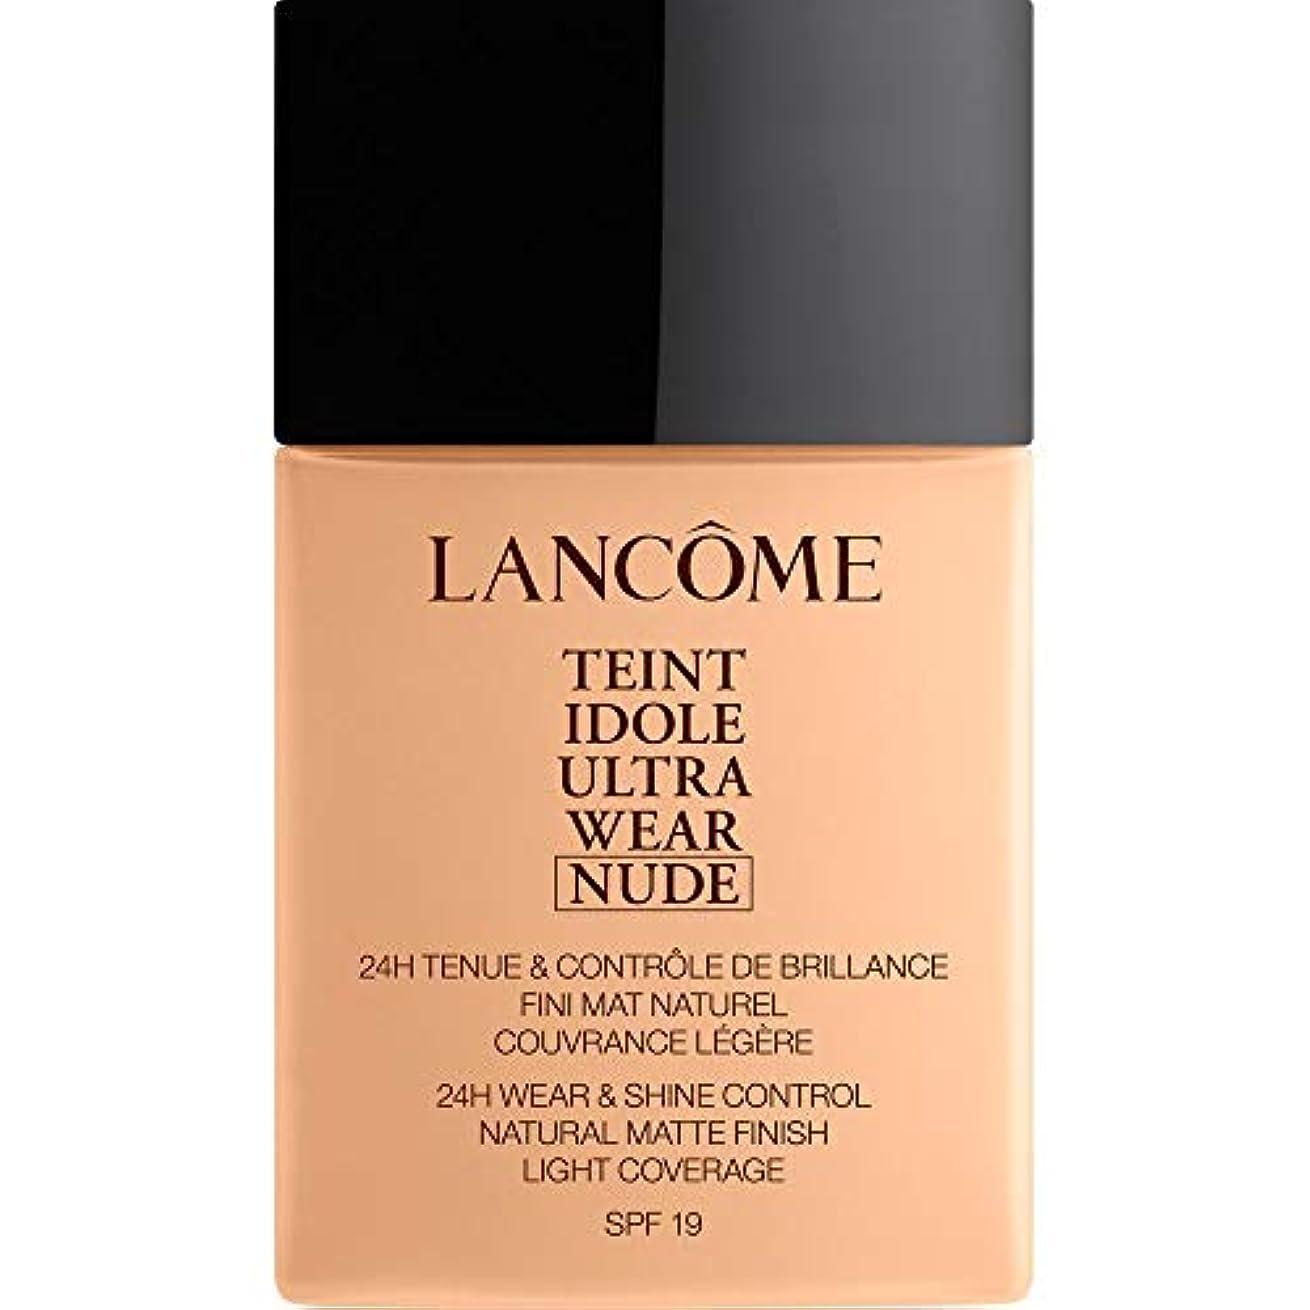 マーベル原稿情熱的[Lanc?me ] ランコムTeintのIdole超摩耗ヌード財団Spf19の40ミリリットル025 - ベージュLin - Lancome Teint Idole Ultra Wear Nude Foundation...